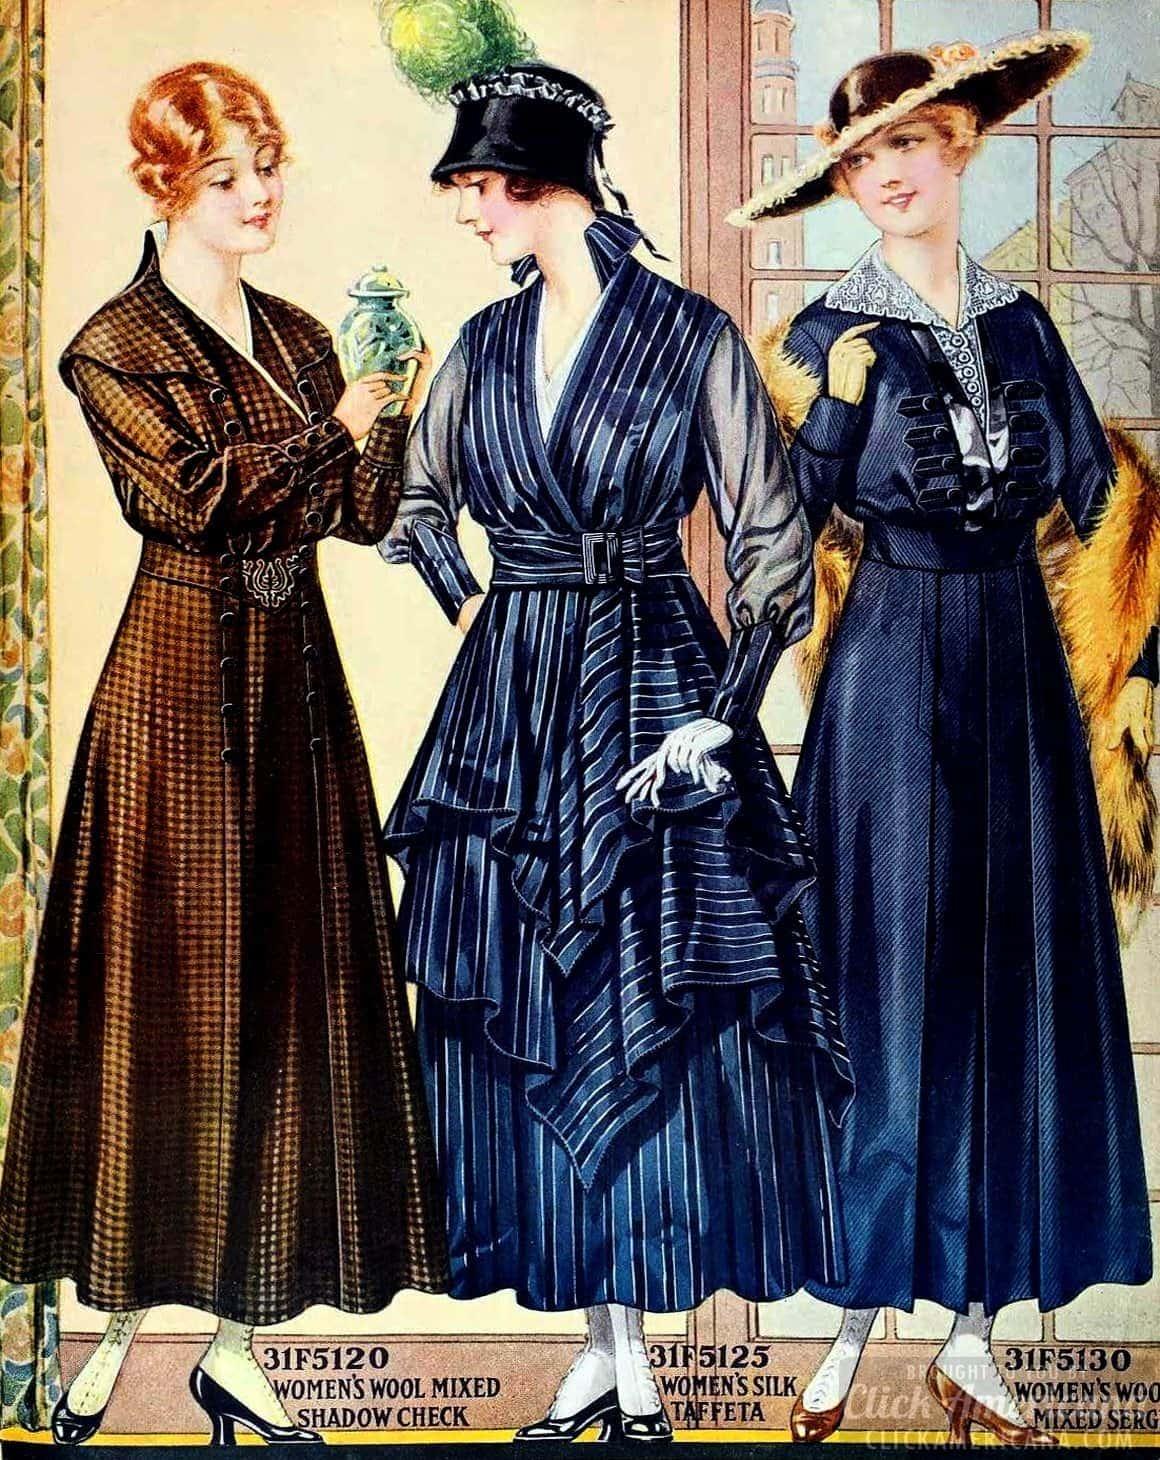 Vintage plus-size fashion advice (1914)